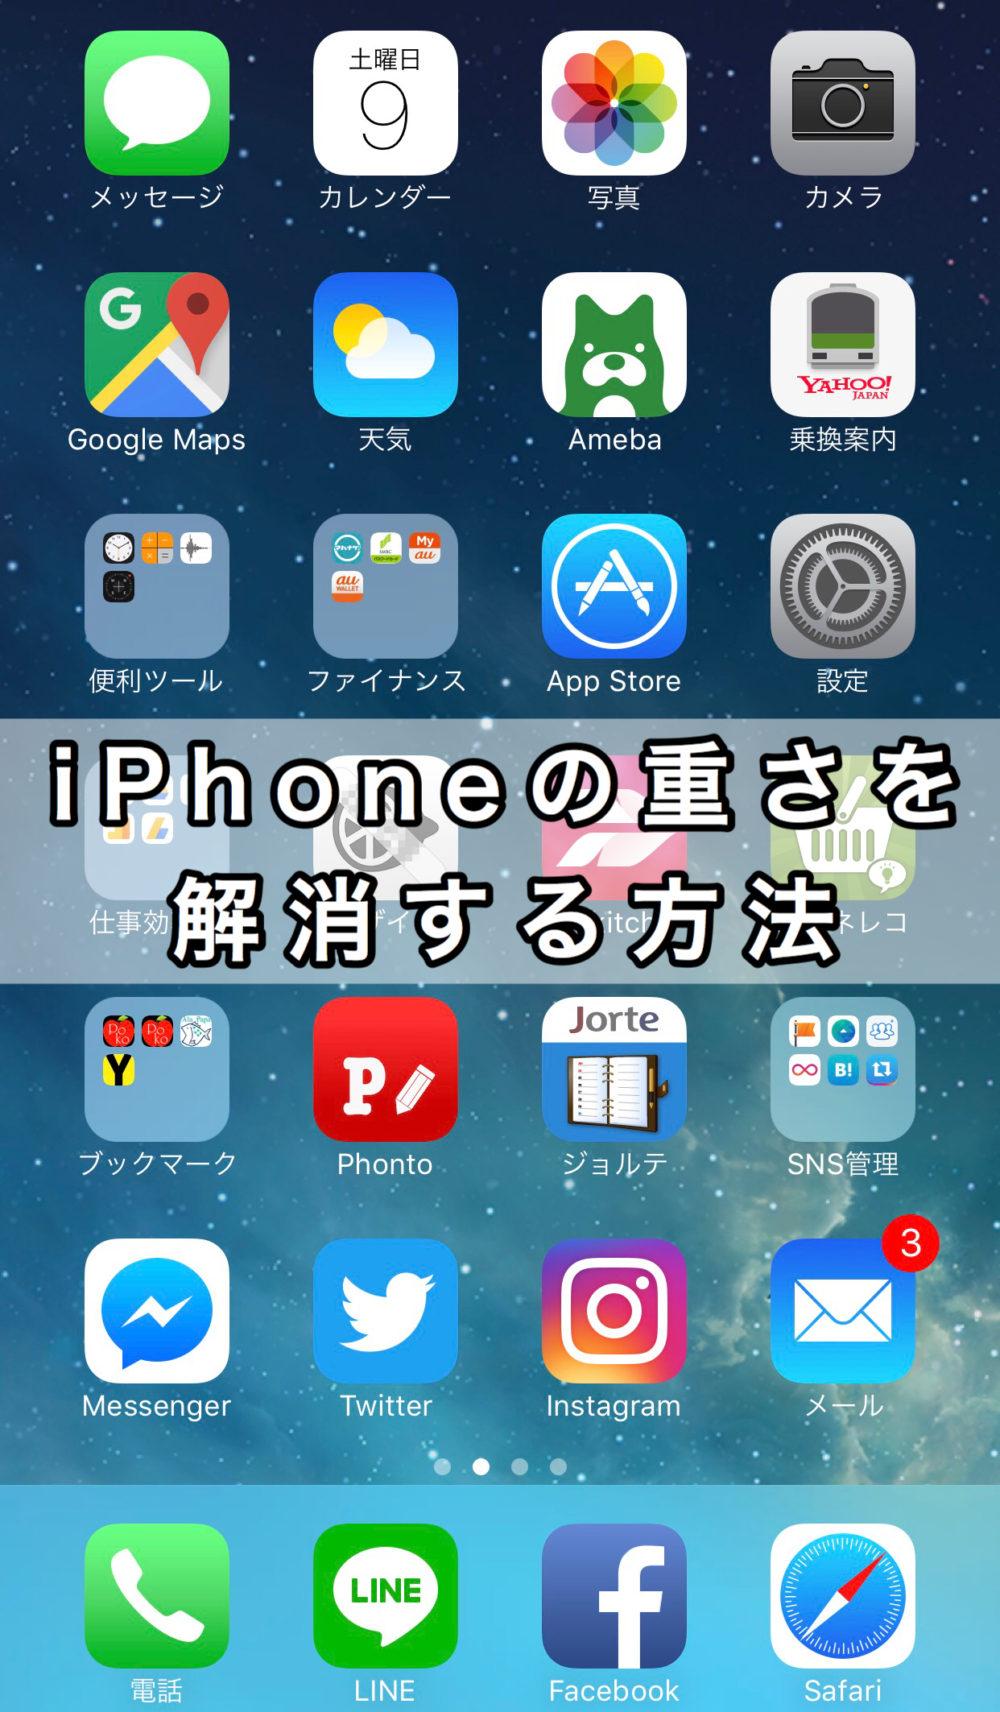 【iPhone活用法】重くなったiPhoneを軽くする8つの方法~その1~